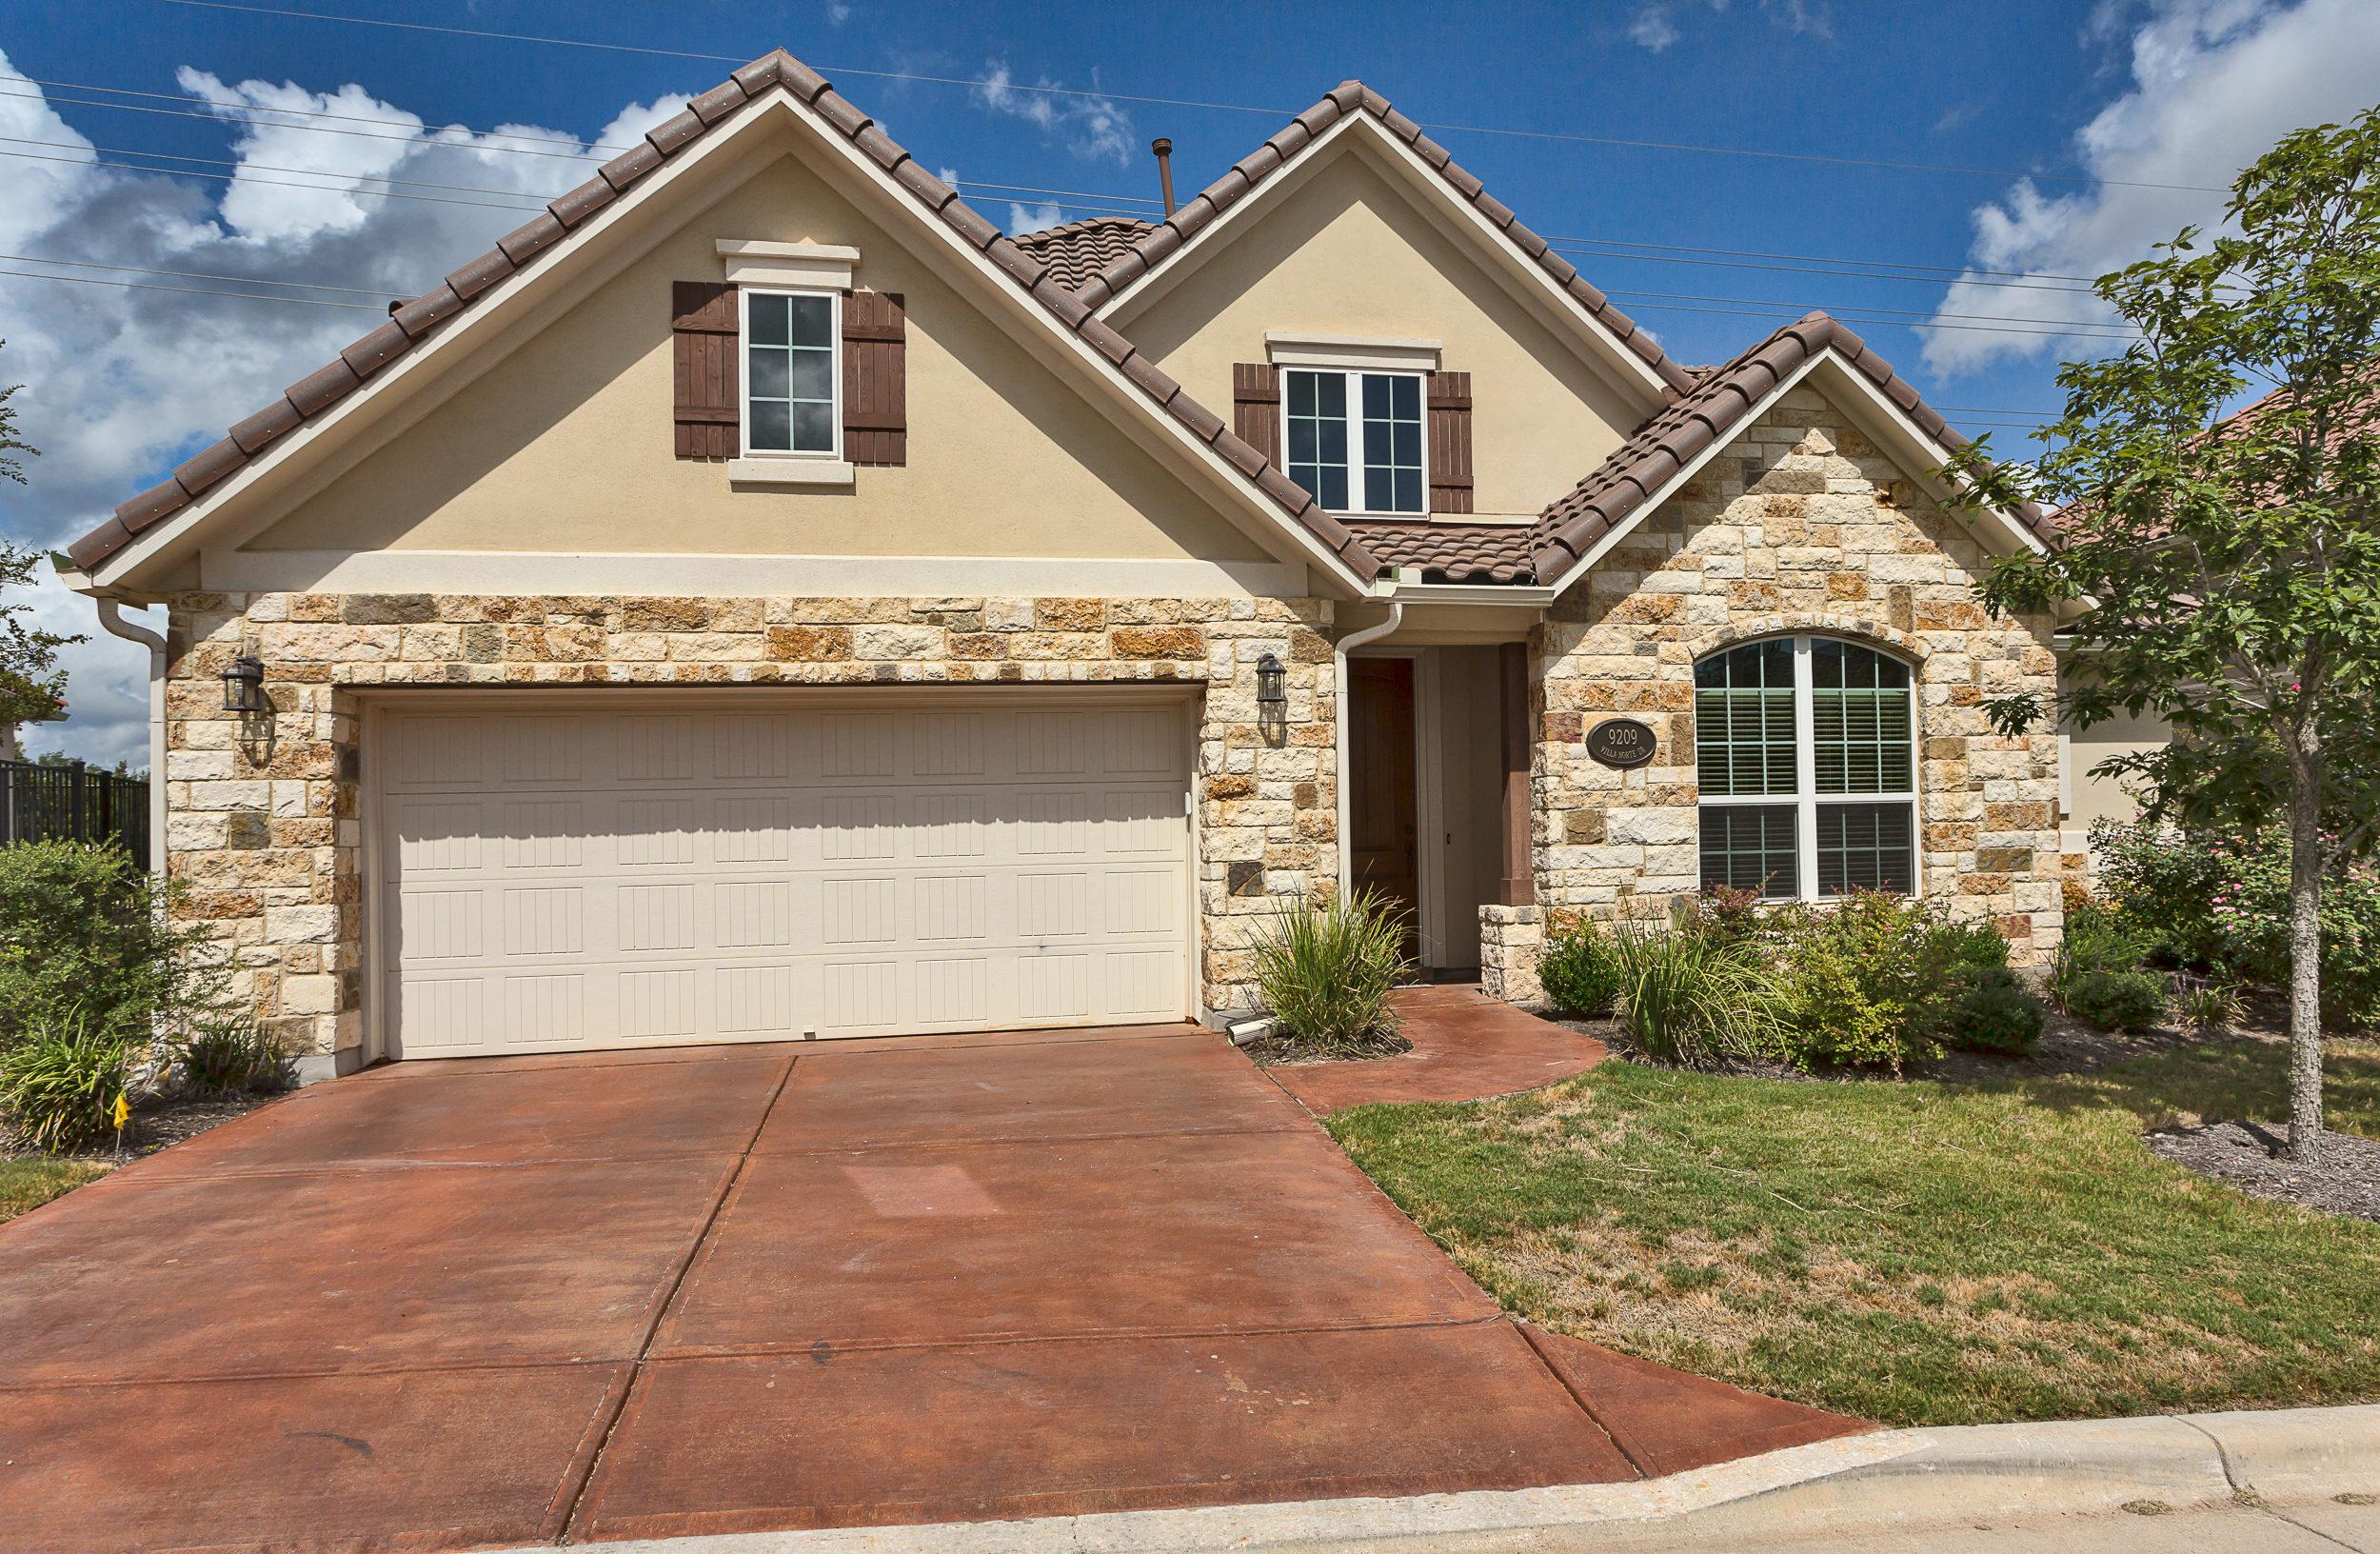 Condominium for Sale at Private Lock and Leave Condo 9209 Villa Norte Dr VH22 Austin, Texas 78726 United States